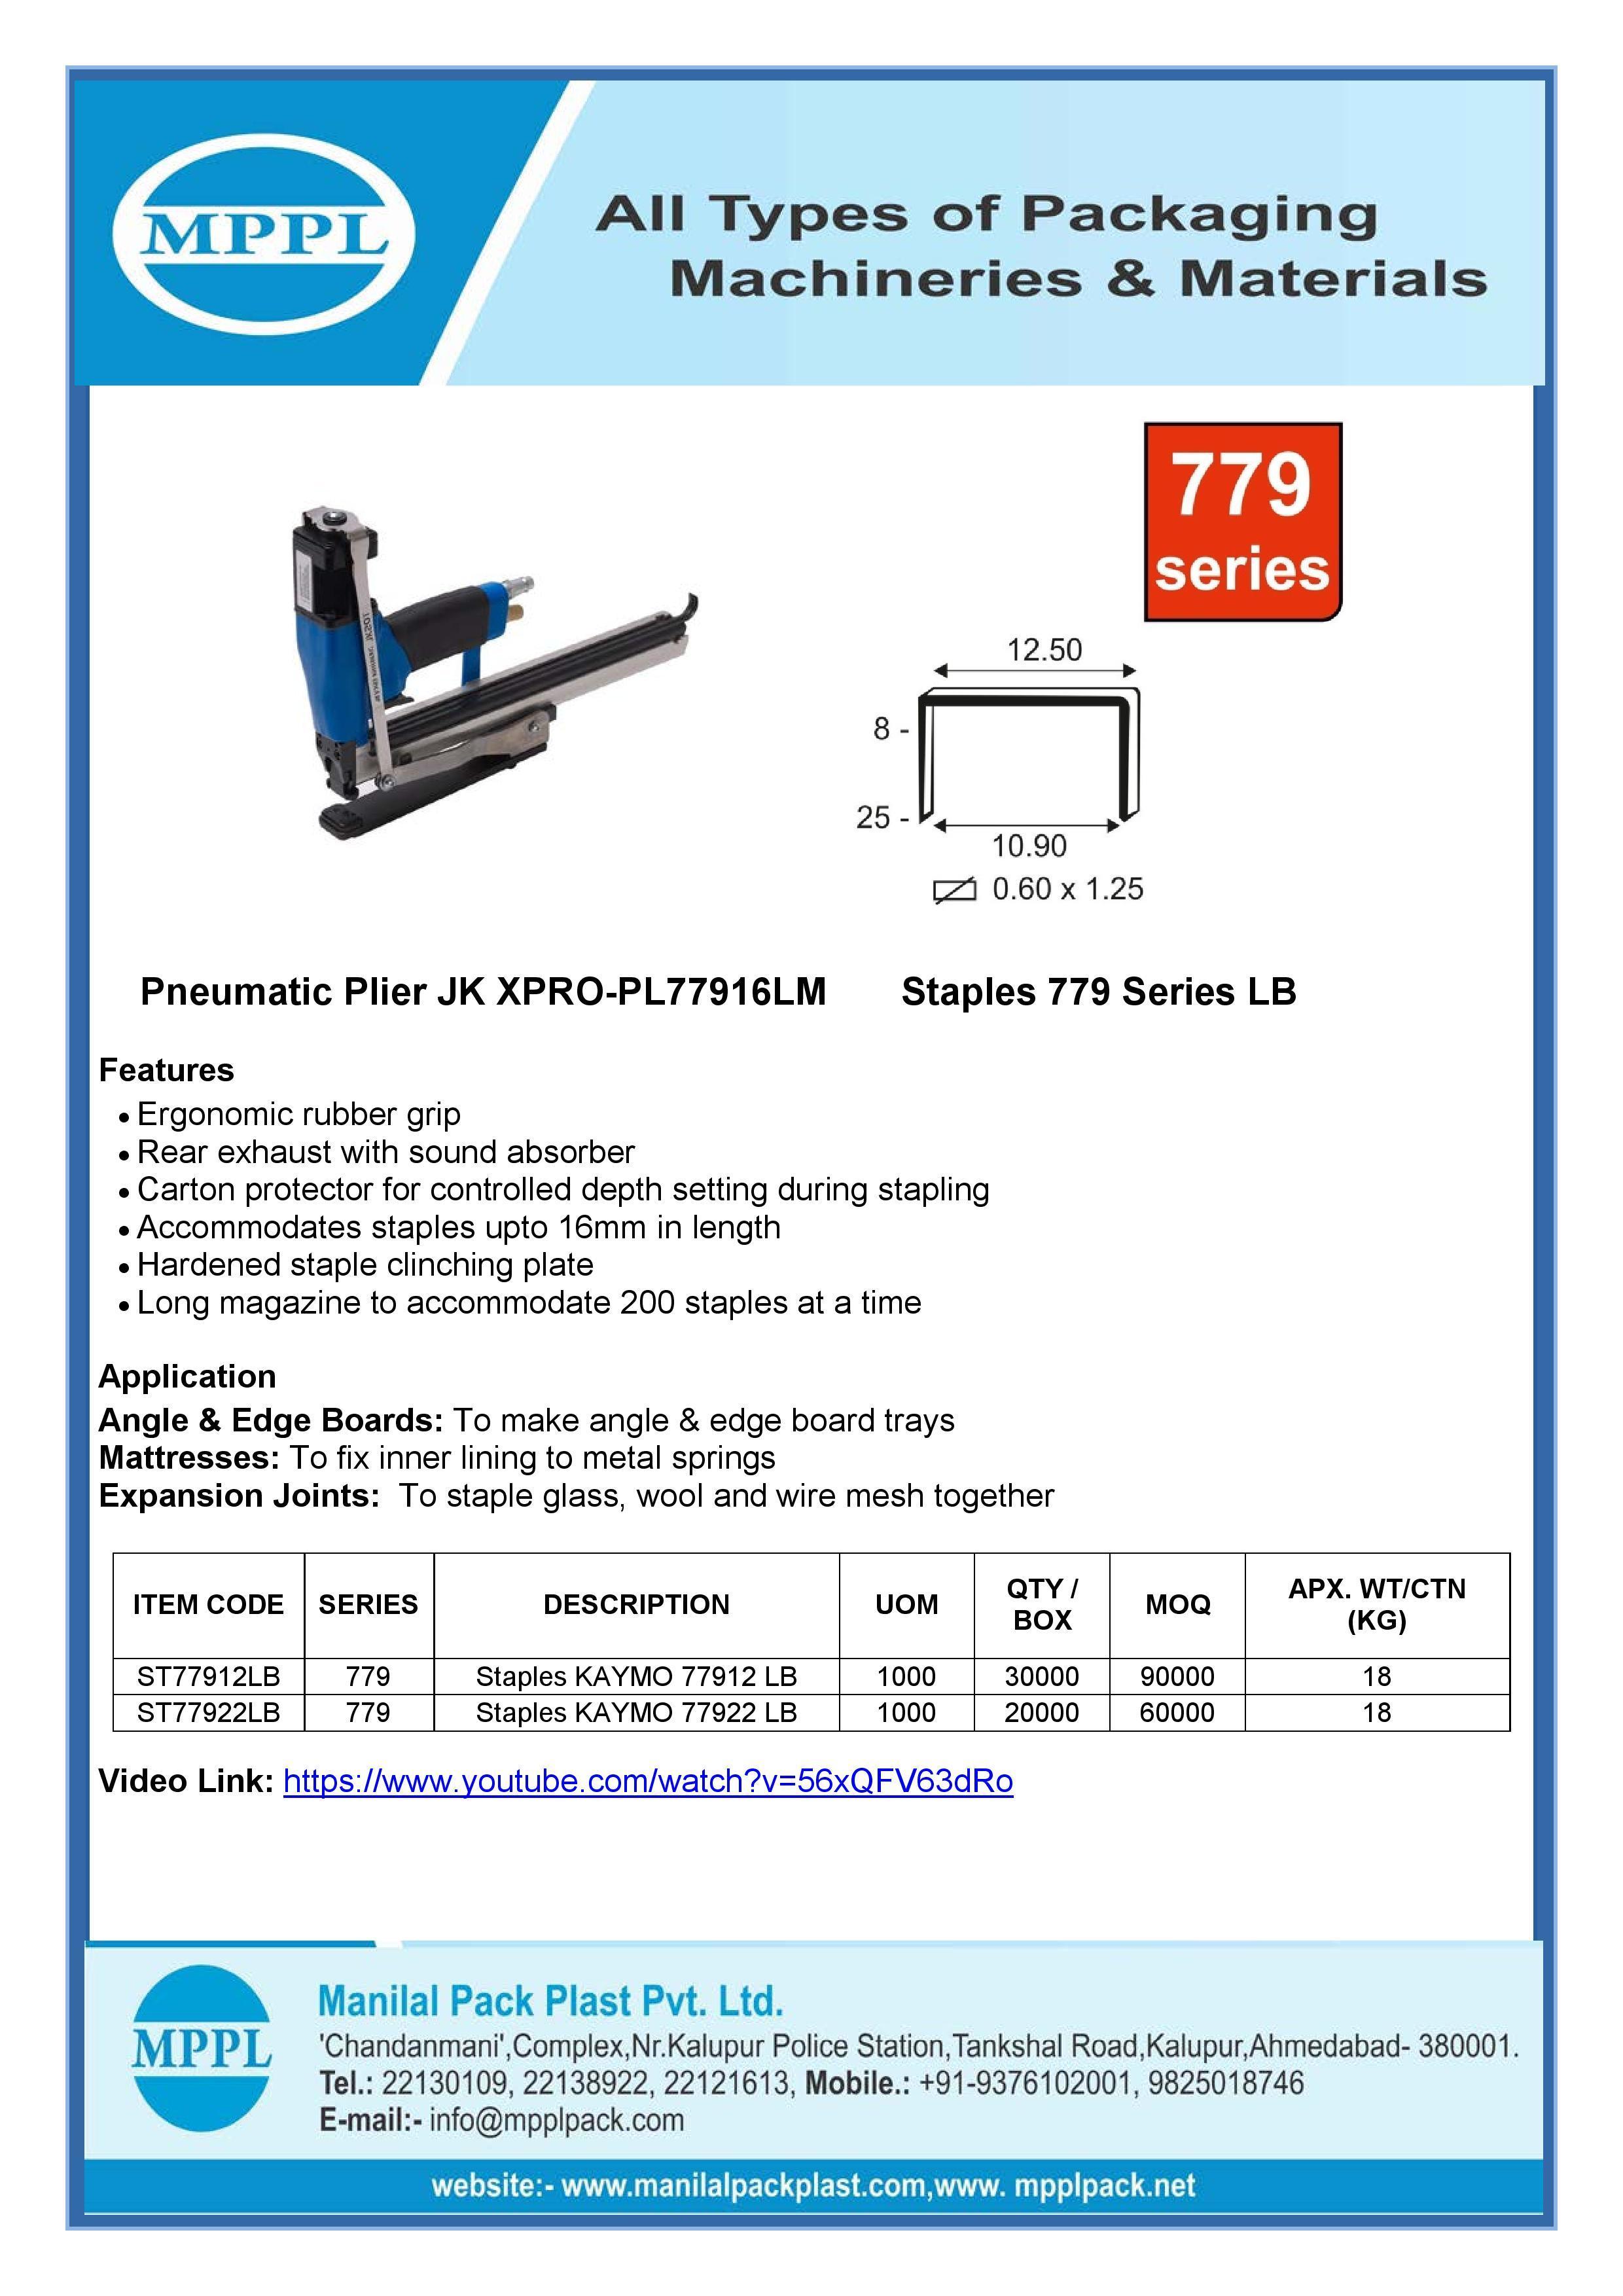 Pneumatic Plier JK XPRO-PL77916LM